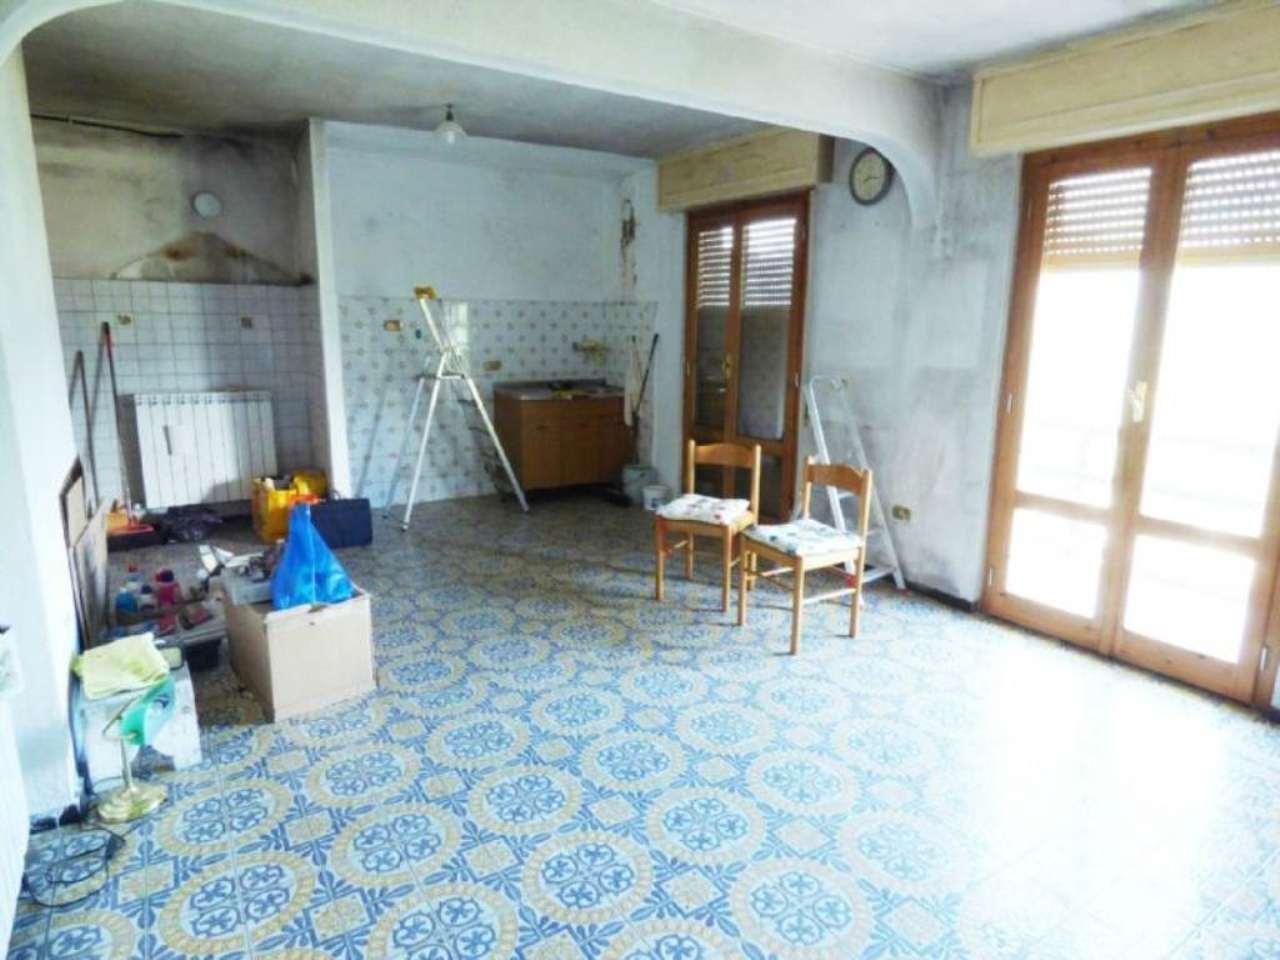 Moconesi appartamento termoautonomo vista aperta